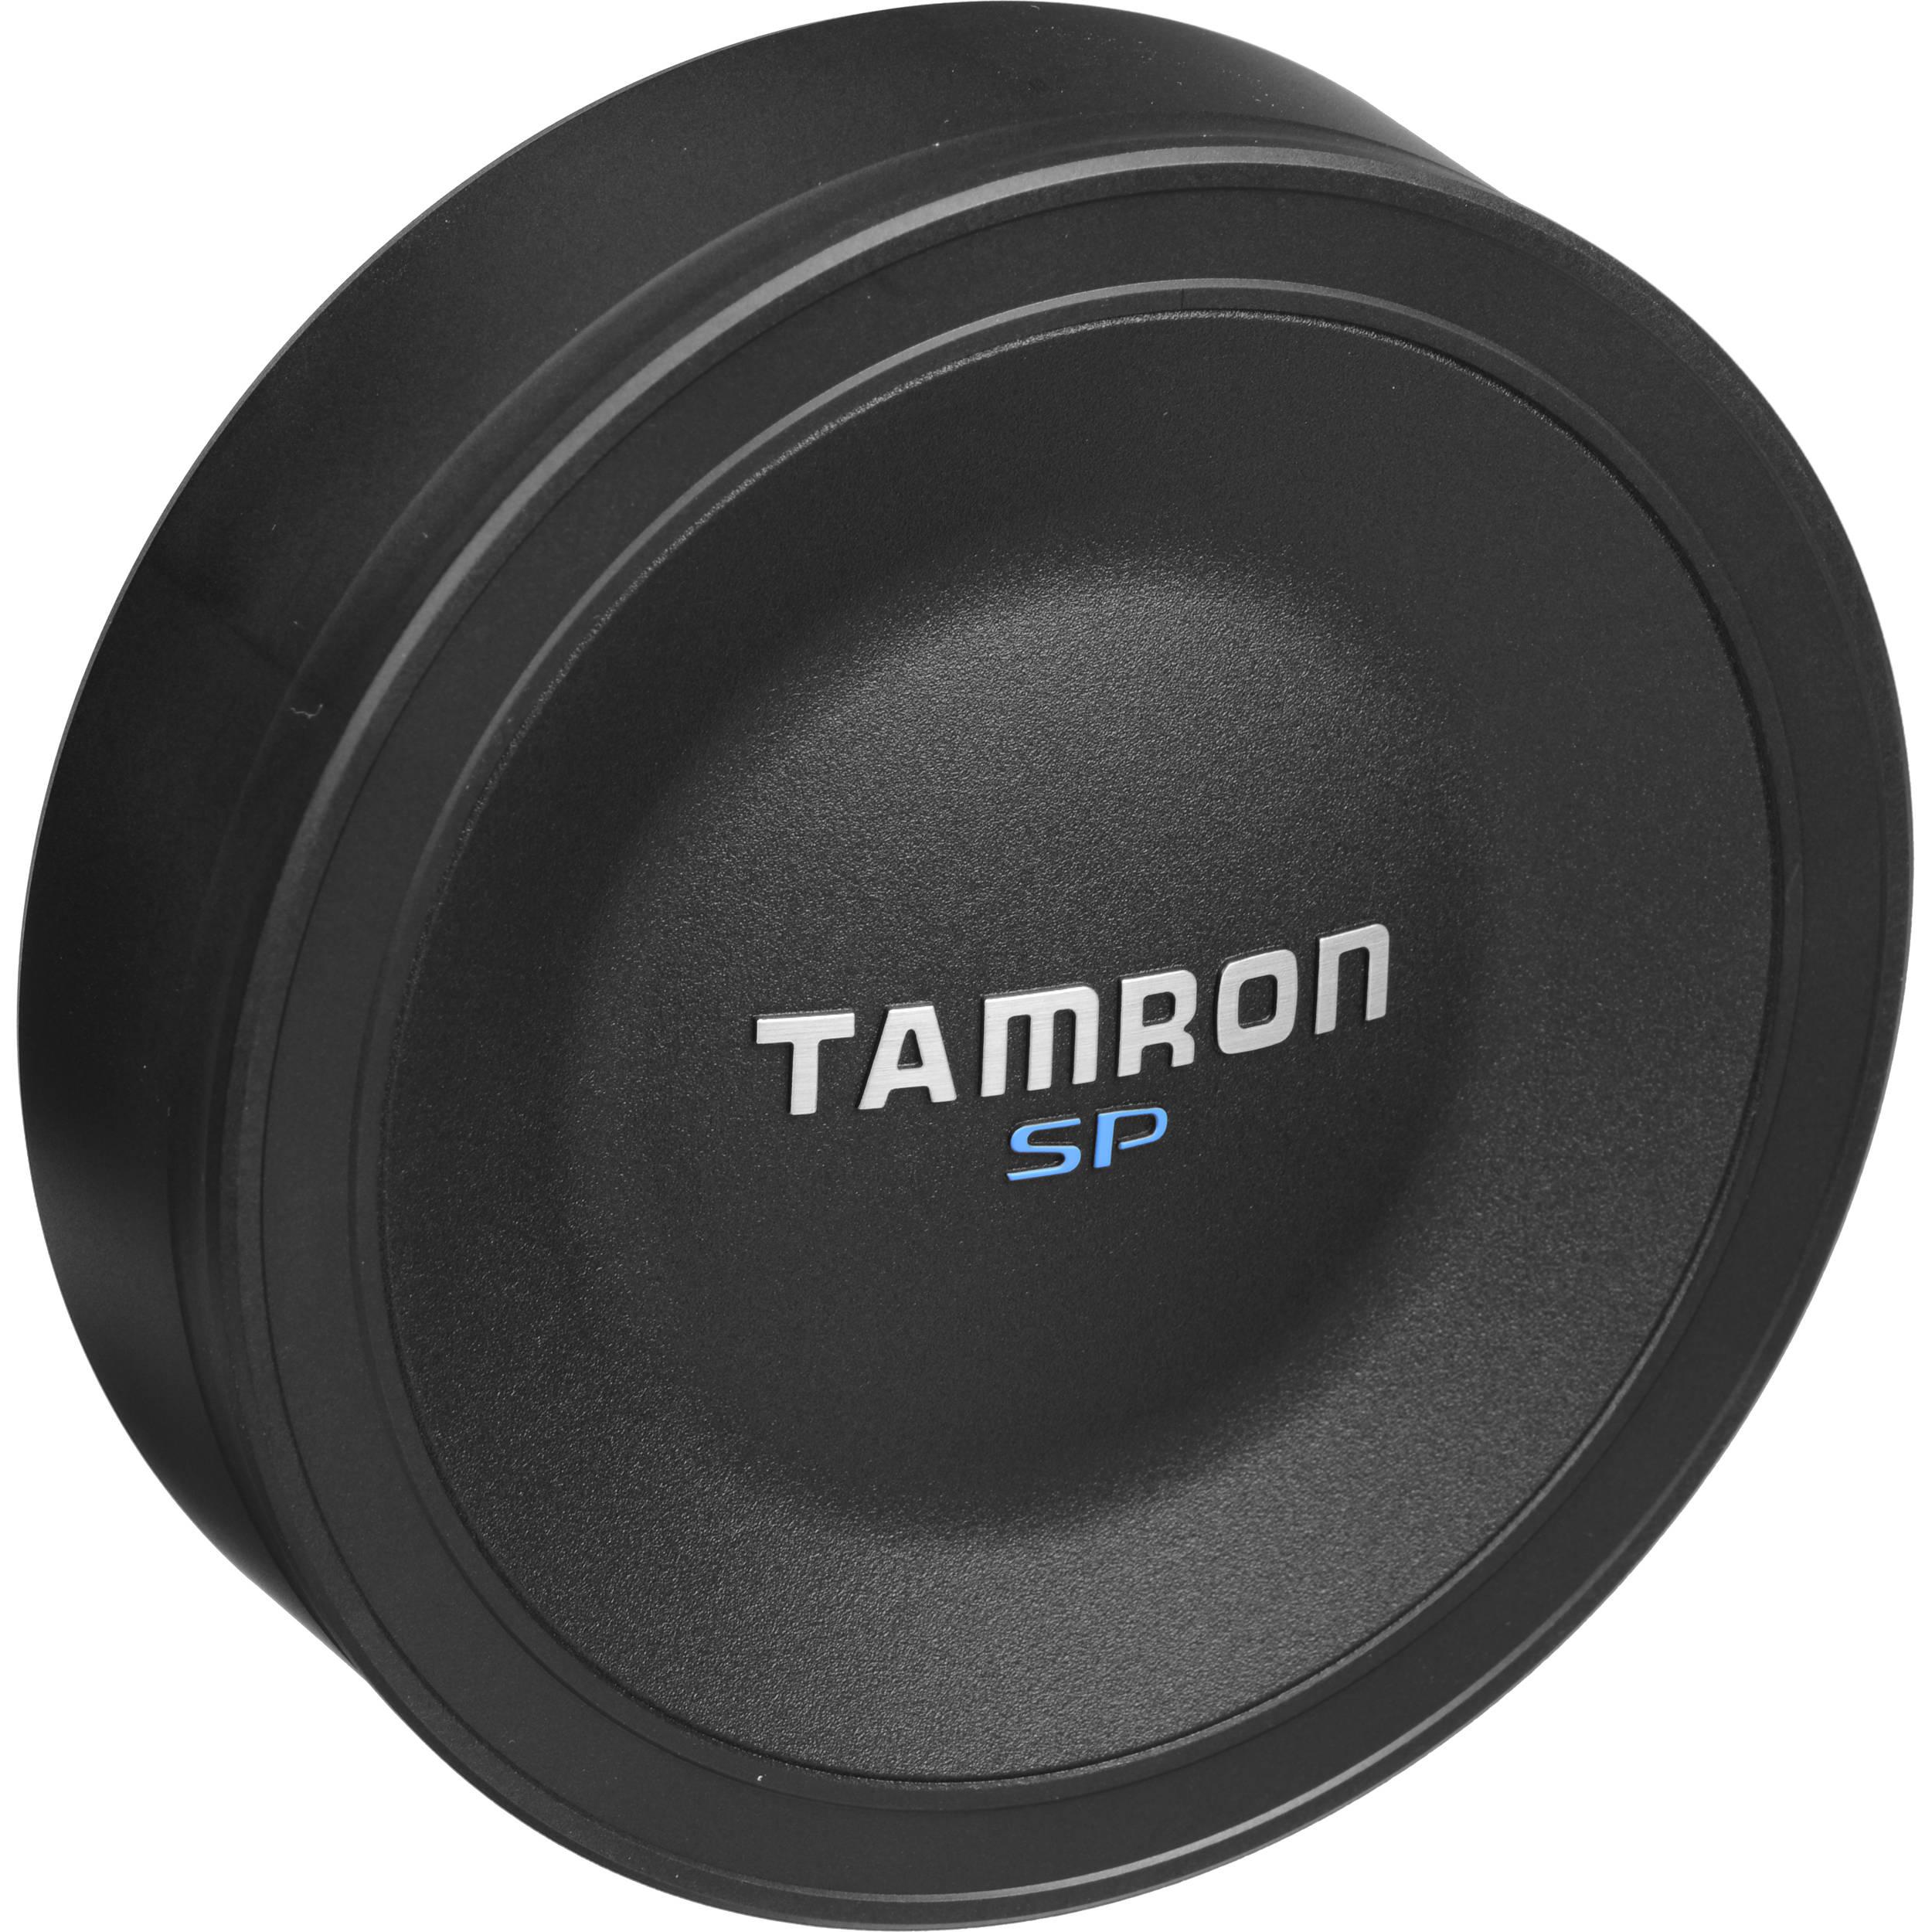 Tamron a012 девушка делает работу